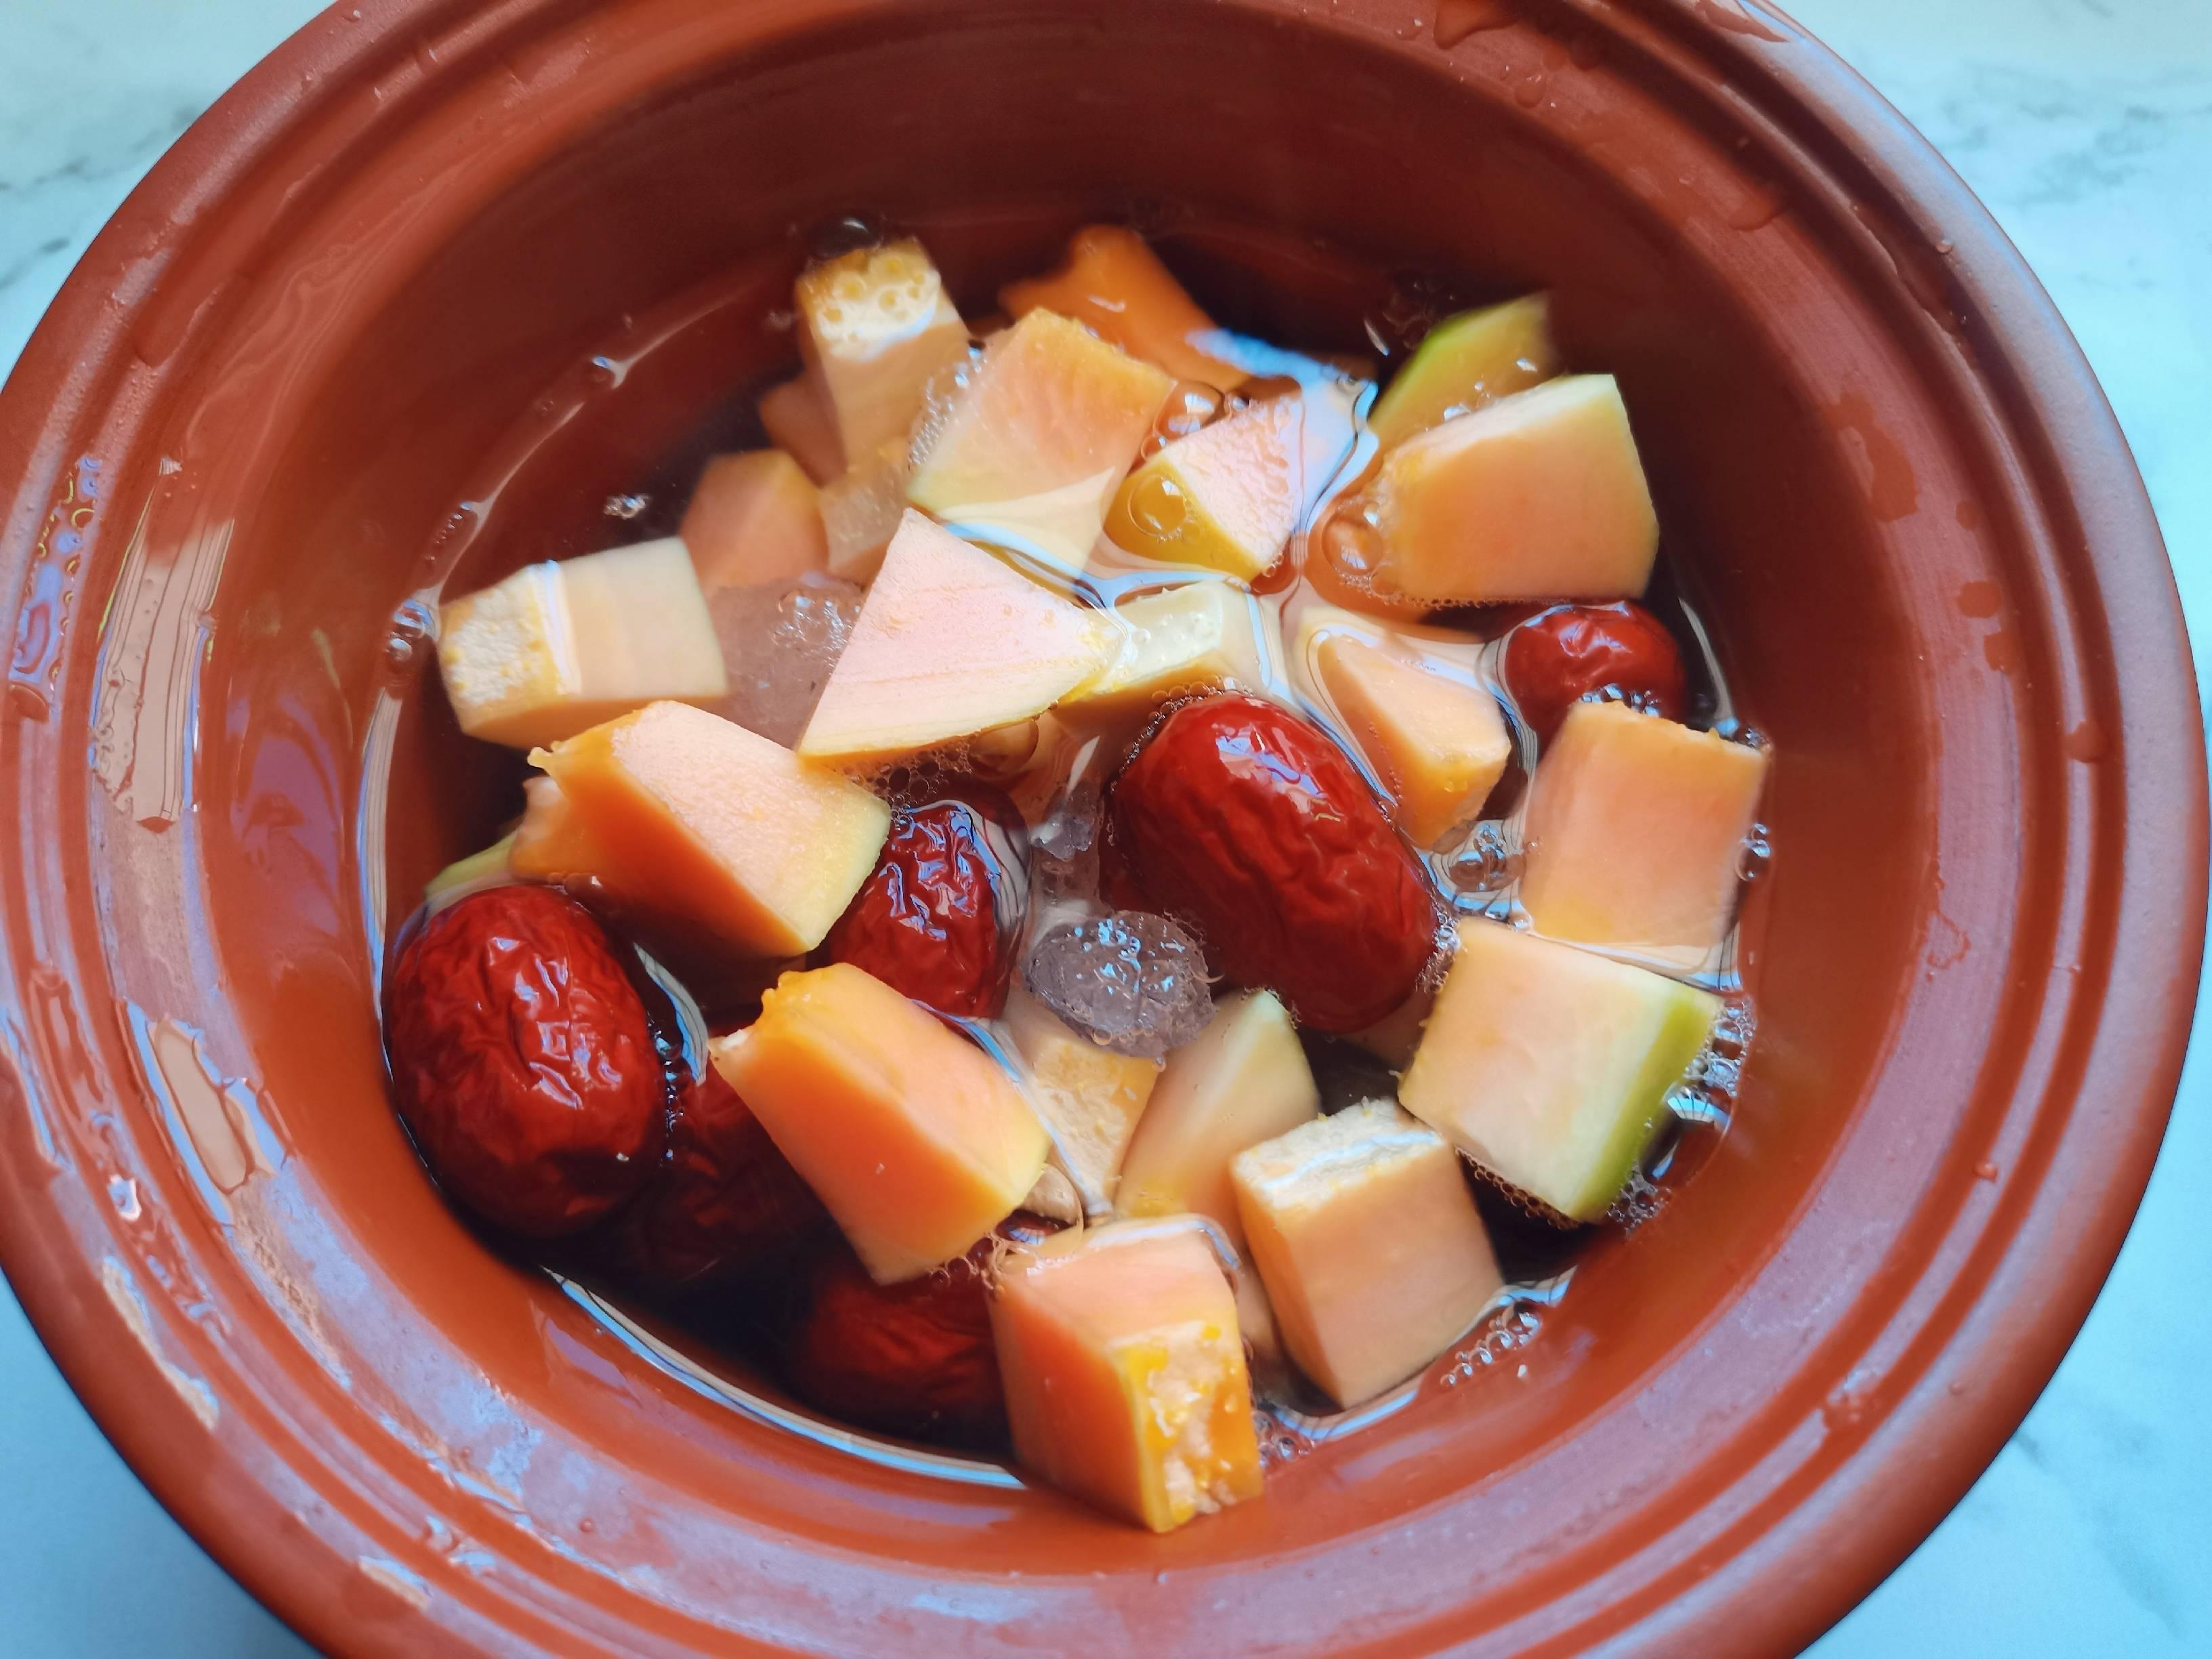 木瓜炖牛奶怎么煮